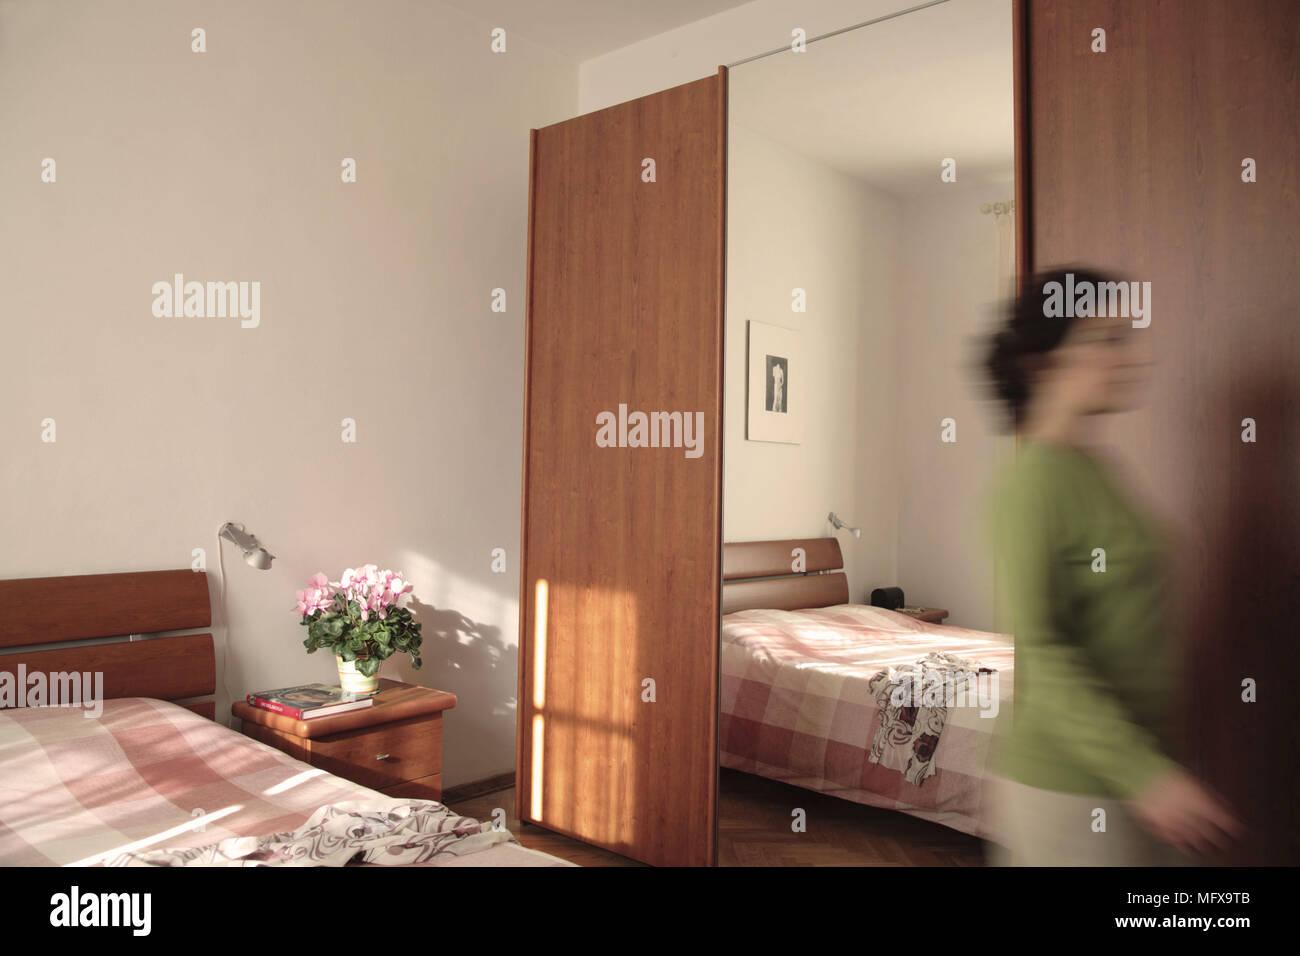 A Chambre avec armoire et miroir pleine longueur Banque D ...